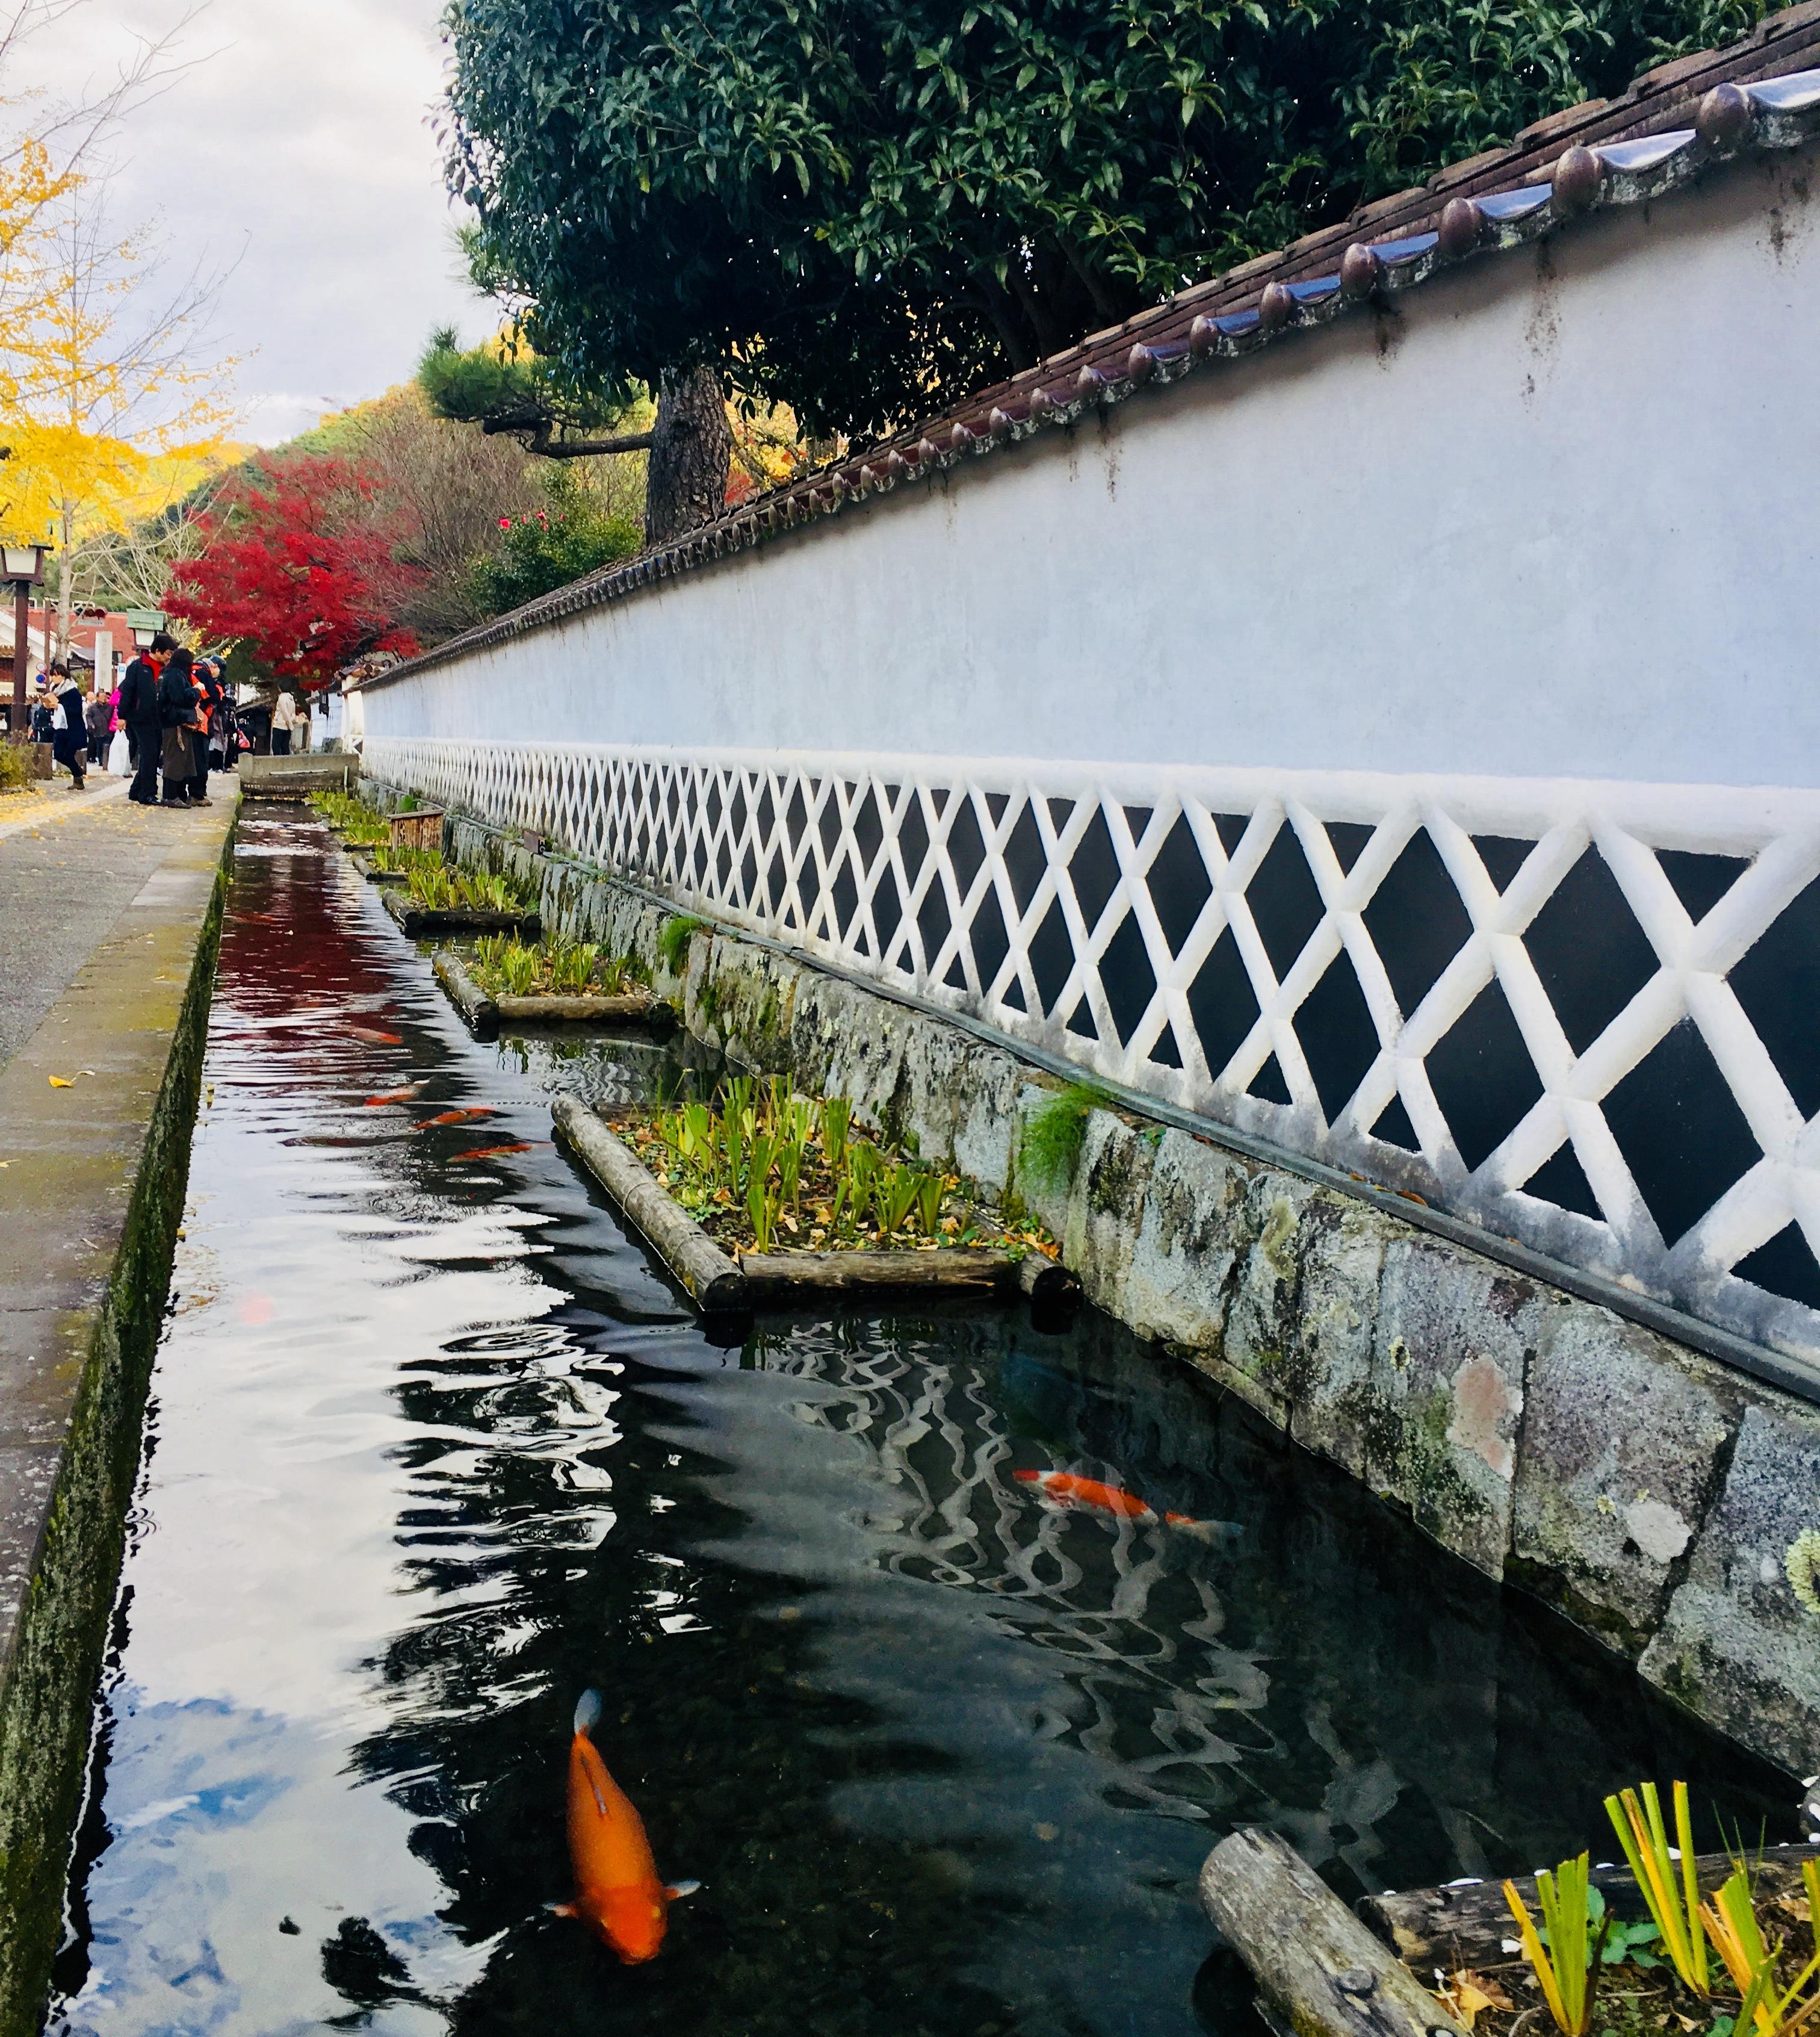 津和野伝統的建物群保存地区!殿町通り水路の鯉とカトリック教会の歴史